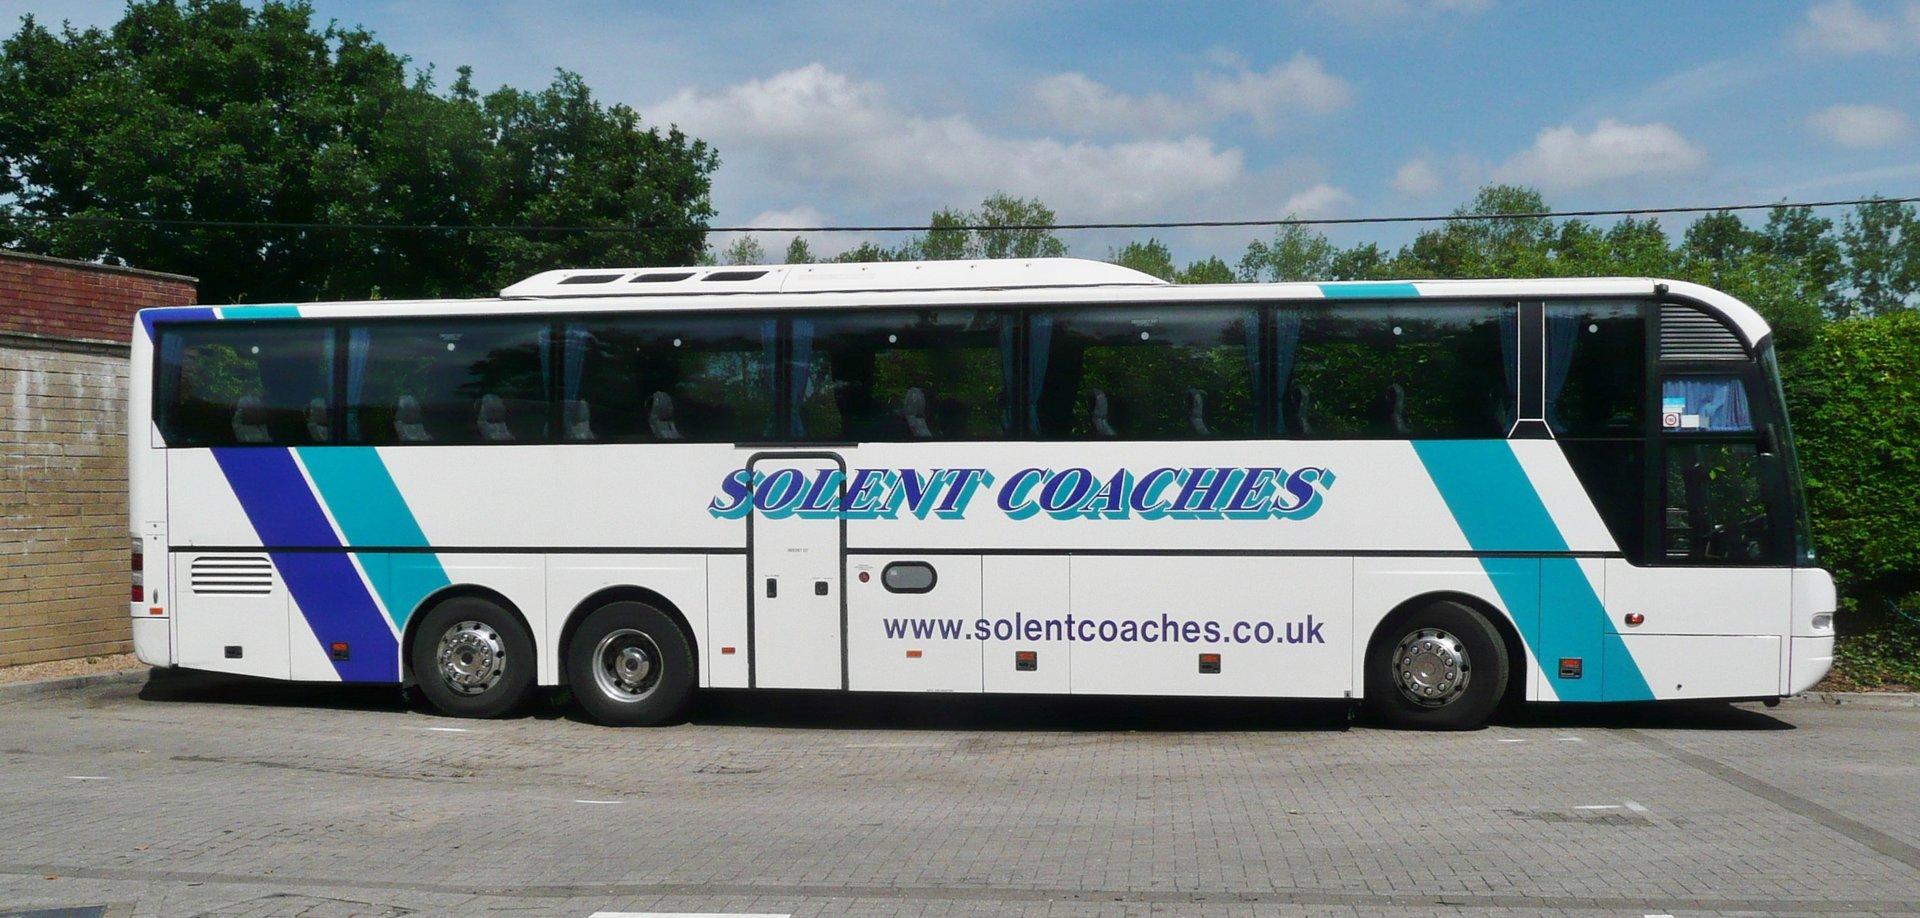 Mutli-axle Solent bus